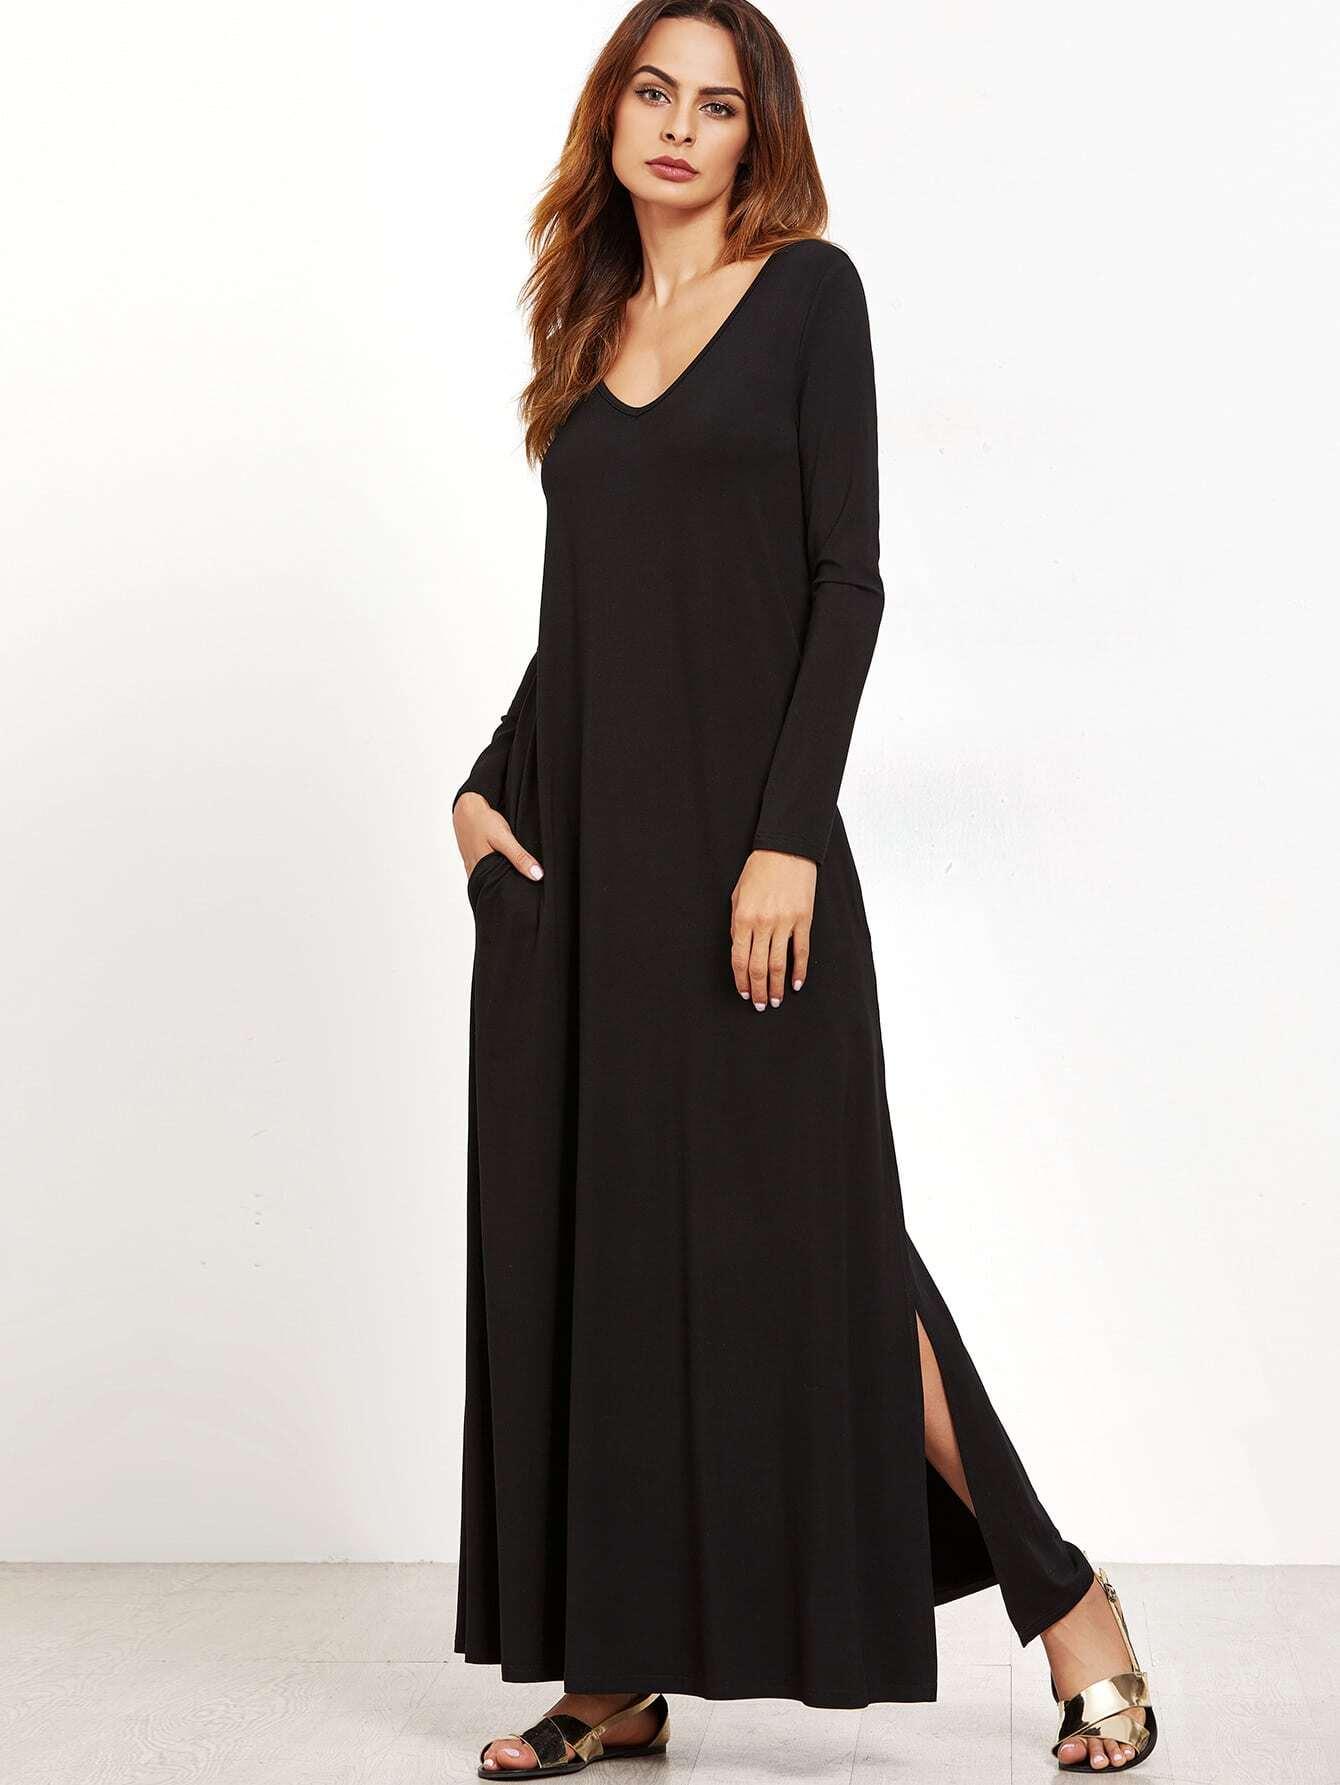 dress161021709_2